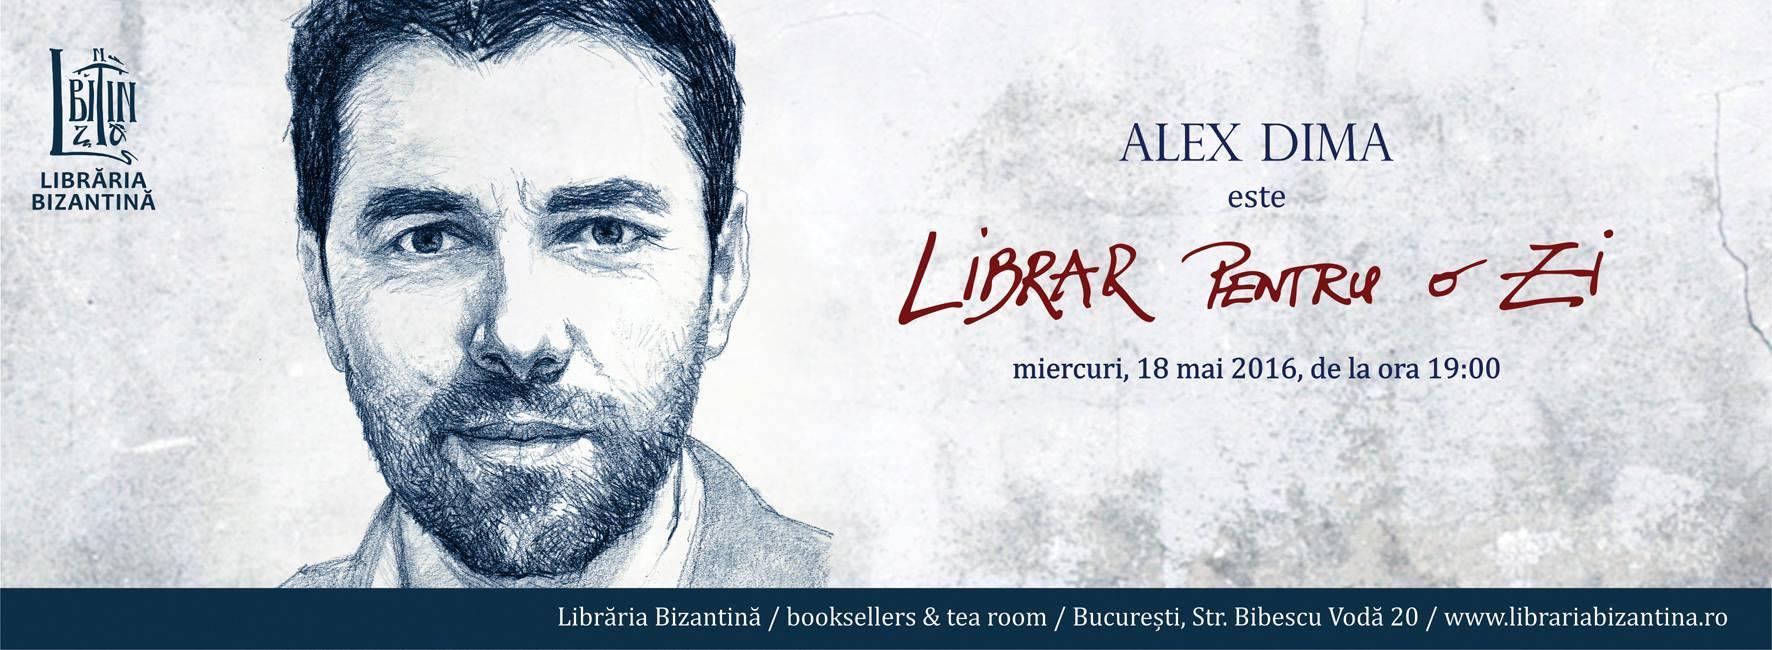 Librar pentru o zi este Alex Dima